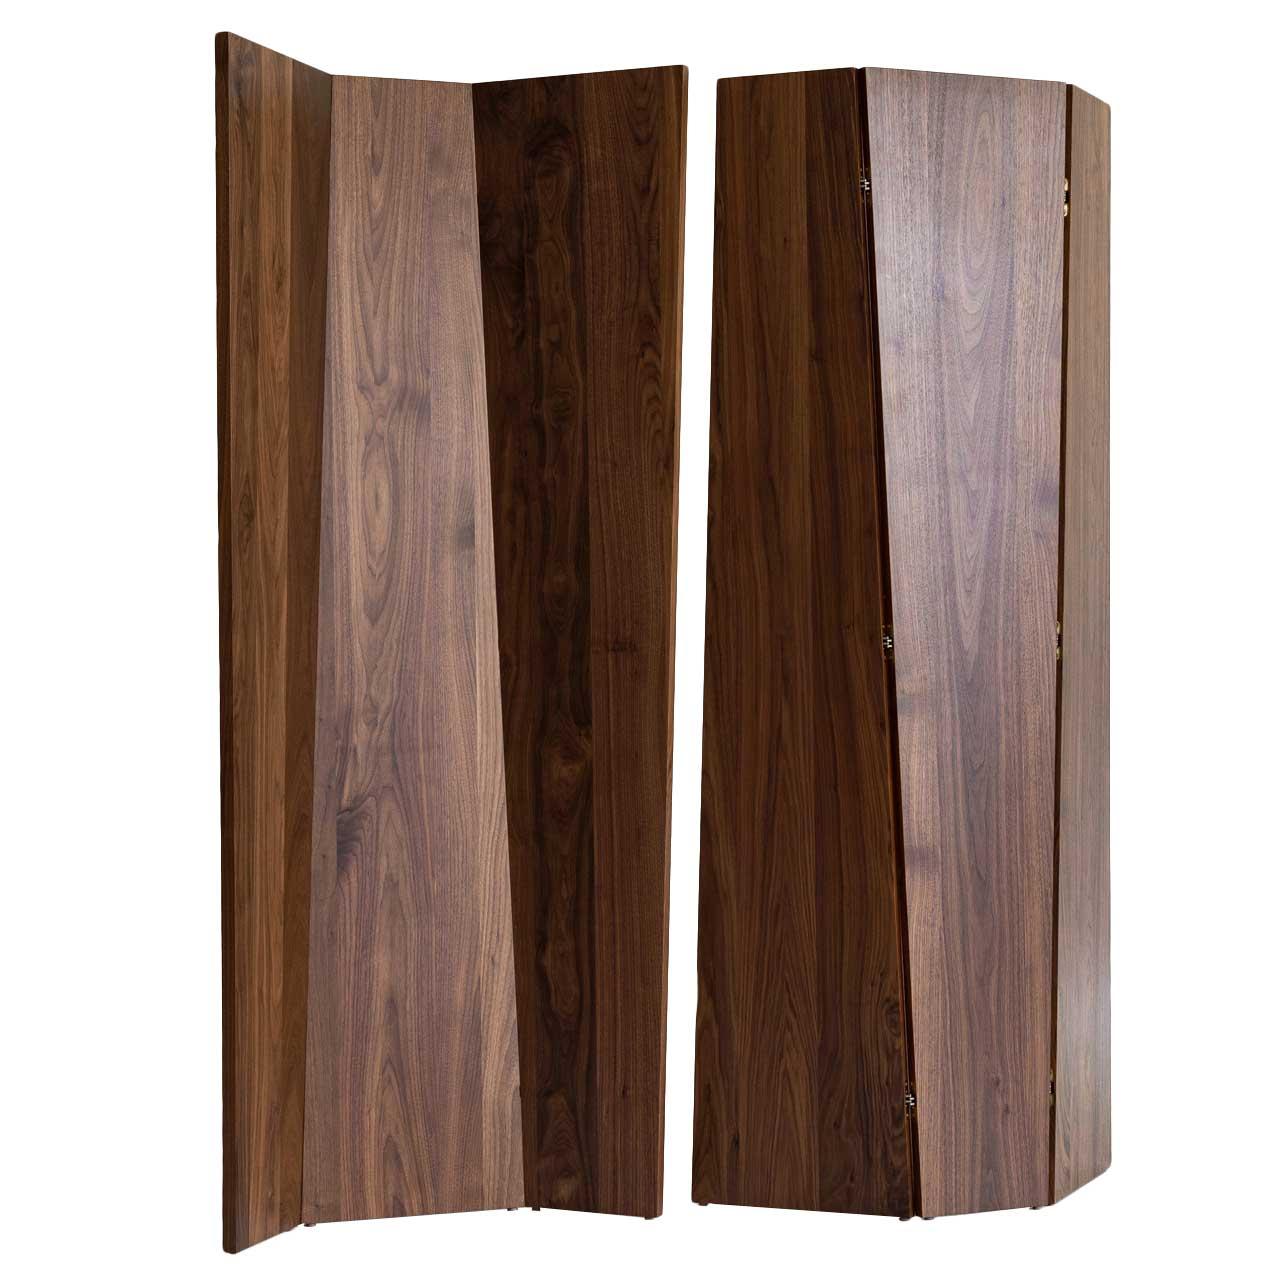 Handmade Tri-Fold Solid Walnut Folding Screen or Room Divider